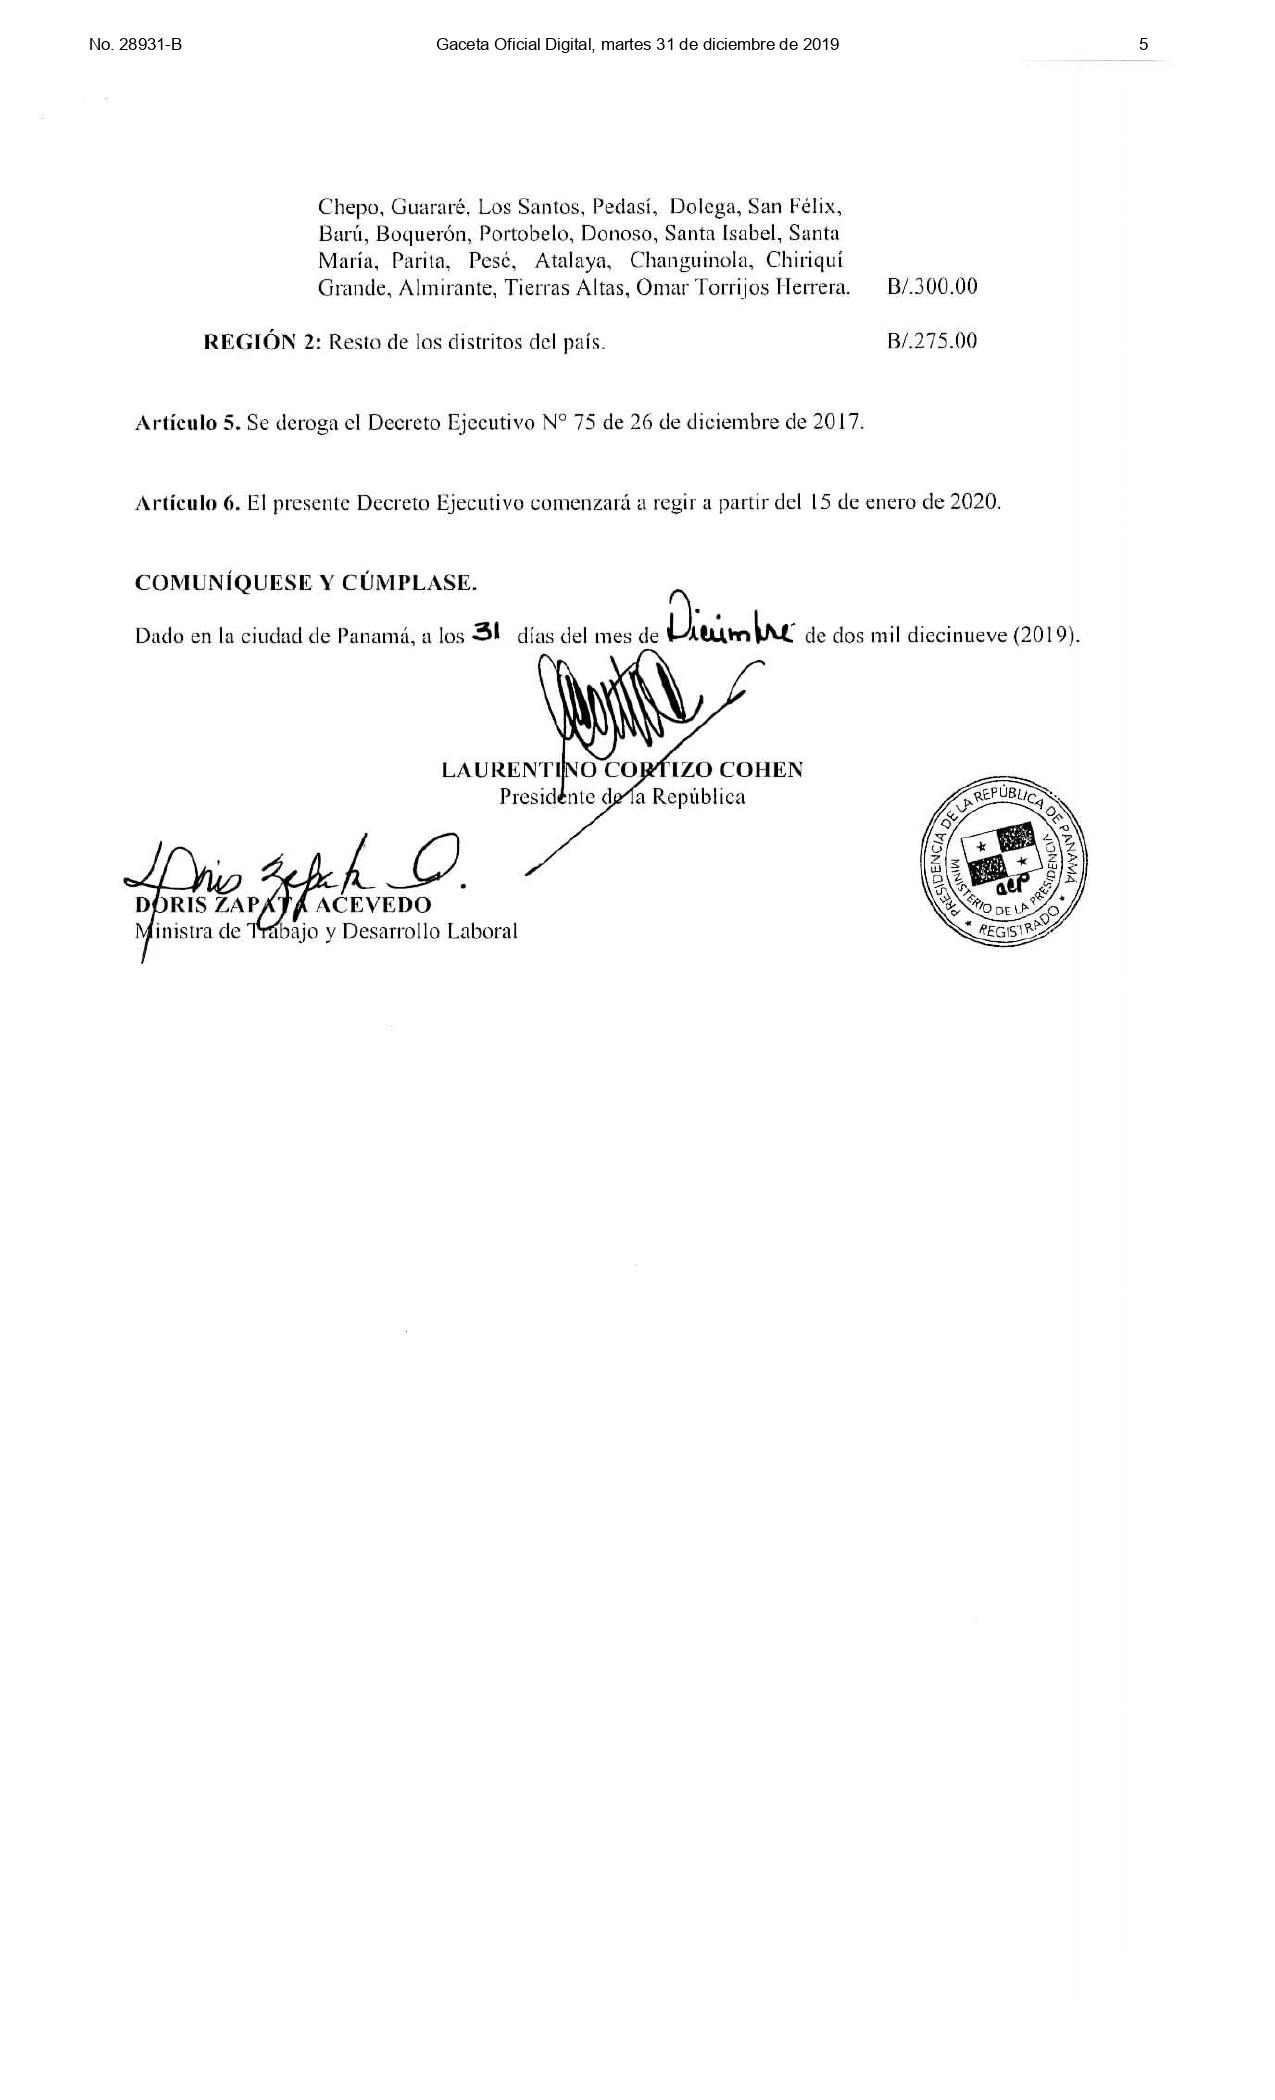 Decreto Ejecutivo No. 424 Salario Mýýnimo_page-0005